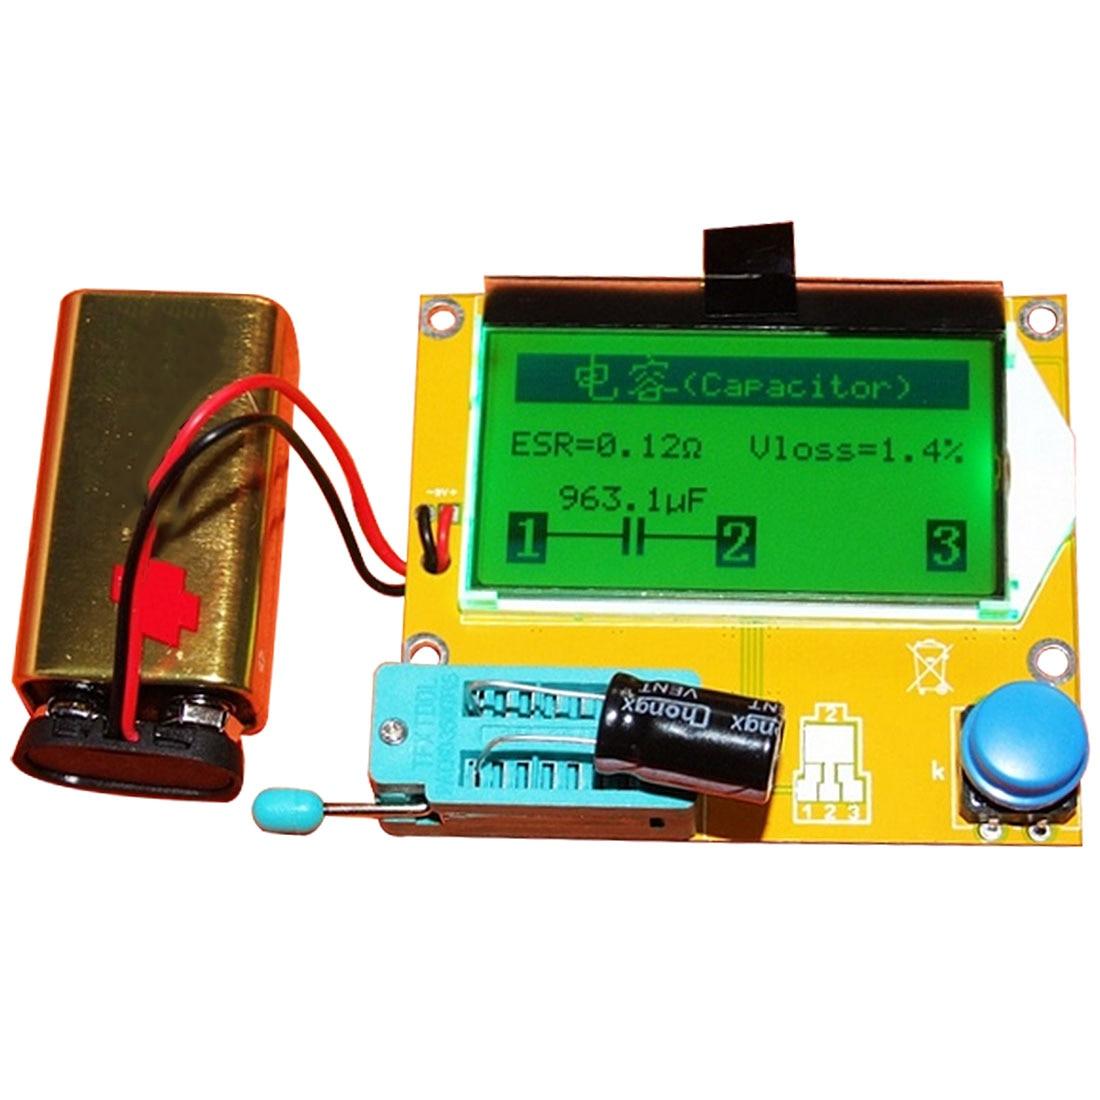 Digital LCR M328 V2.68 ESR-T4 de triodo capacitancia MOS/PNP/NPN LCR 12864 pantalla LCD probador para ESR medidor de prueba